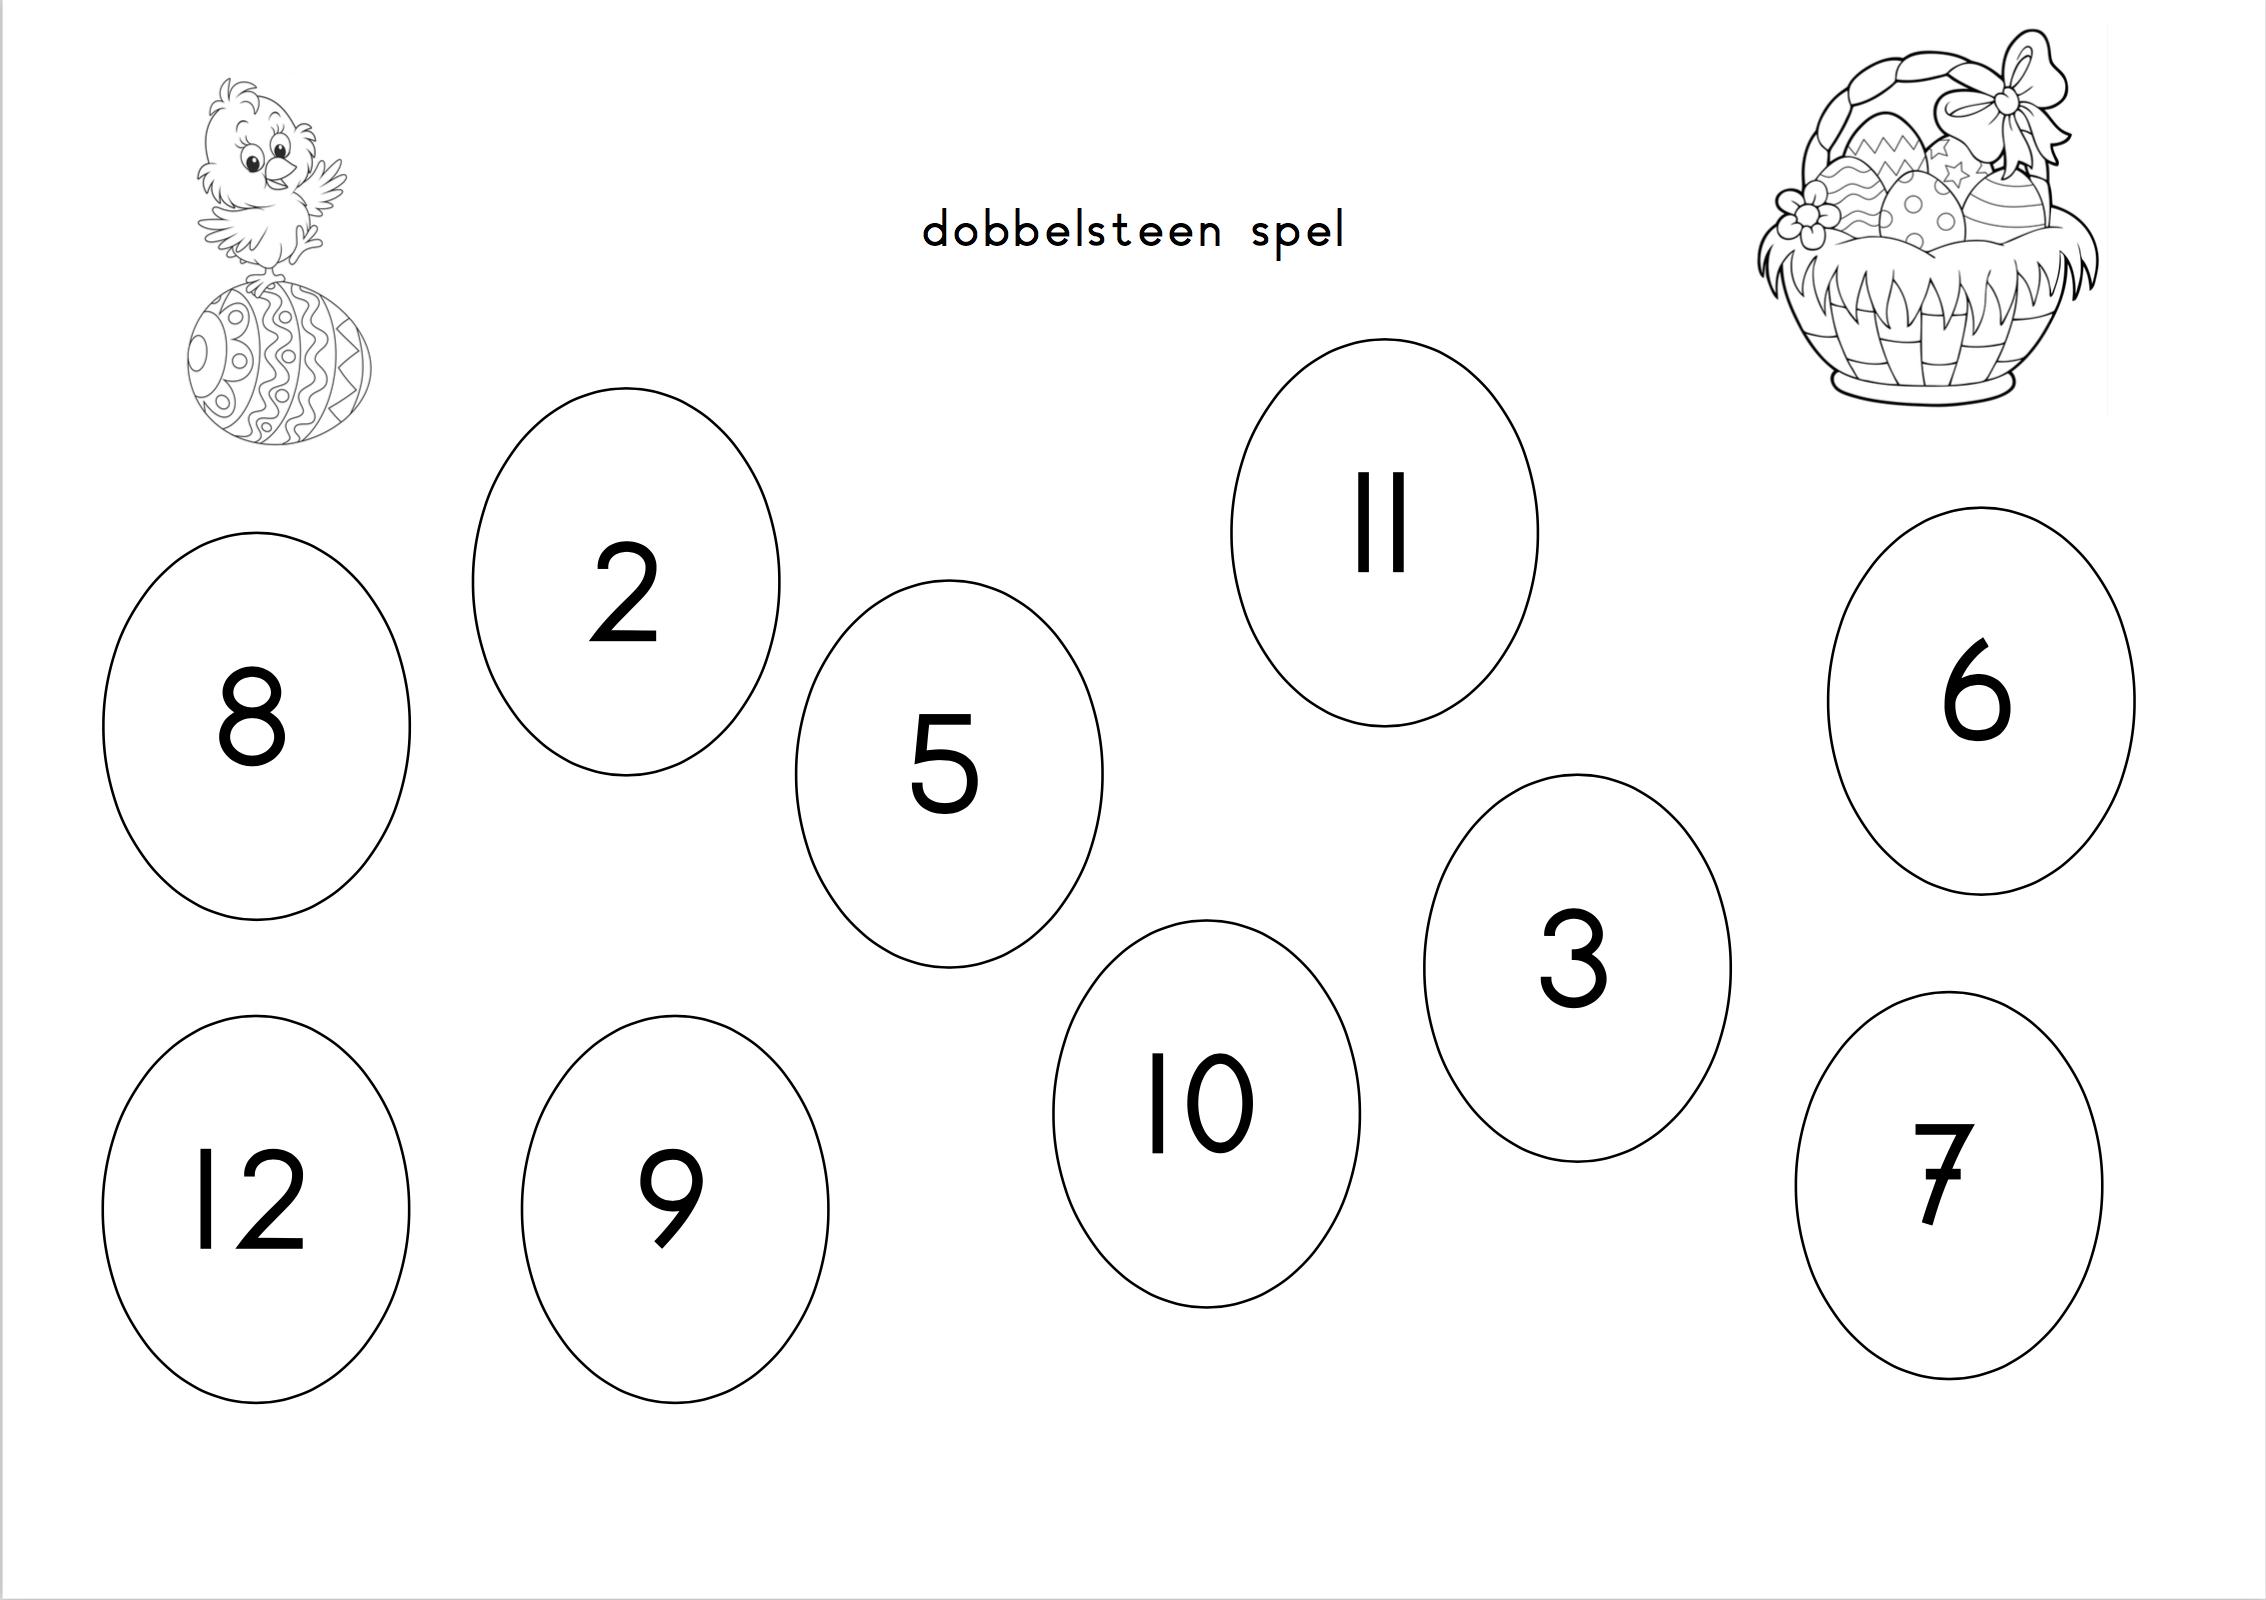 dobbelsteen spel 12